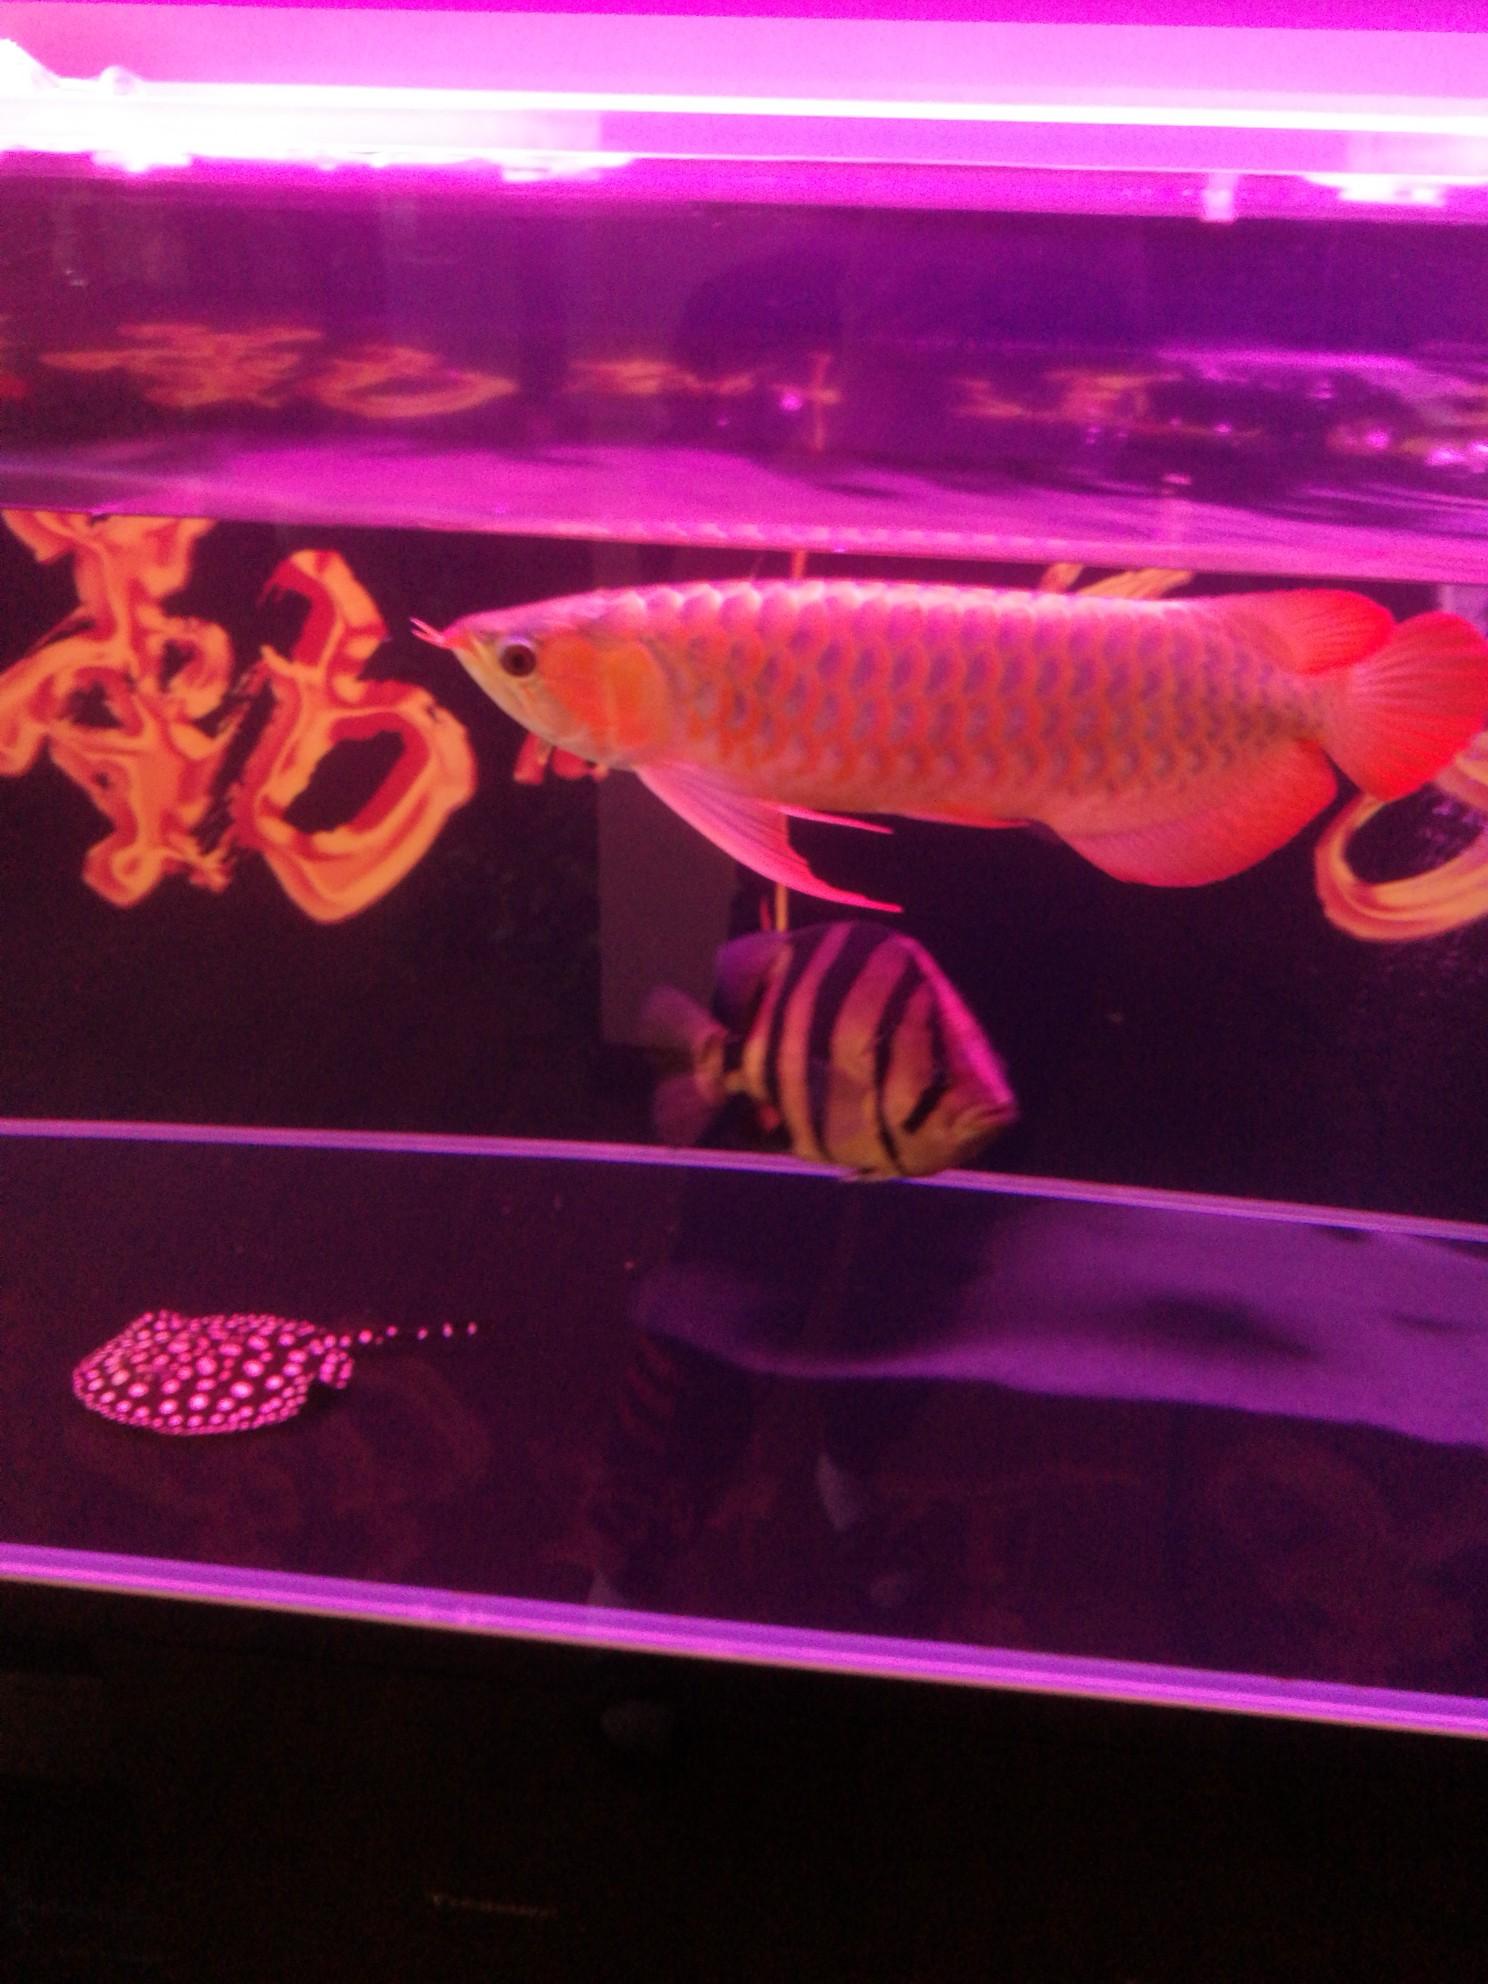 红龙趴缸但进食正常我个人意见如下 西安观赏鱼信息 西安博特第8张